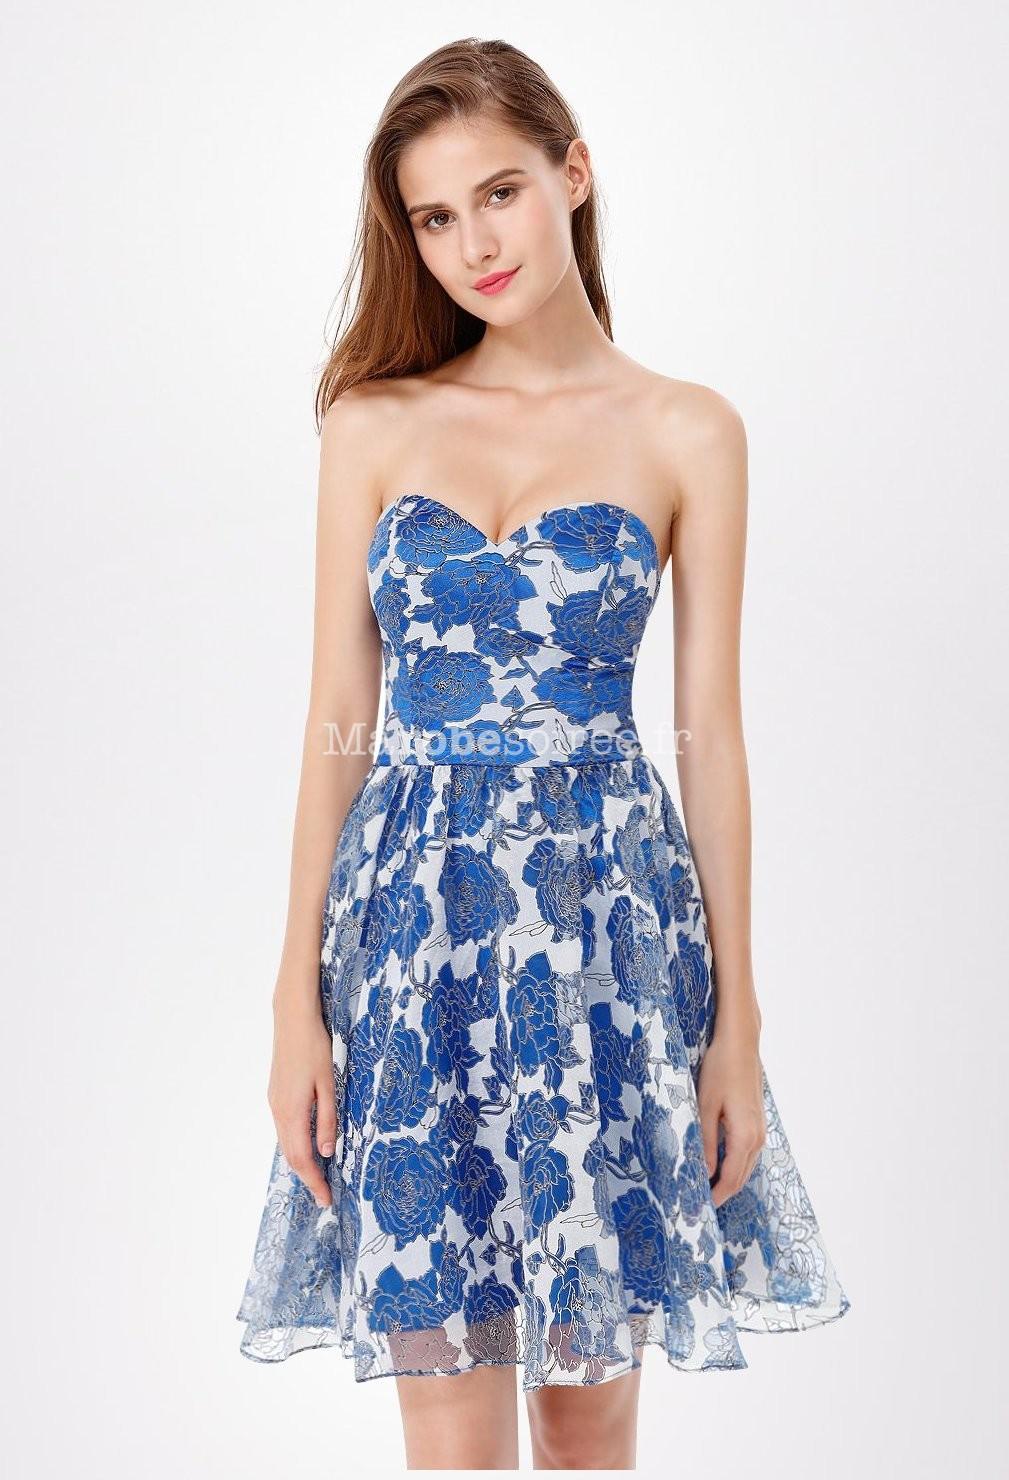 Robe de soiree bleu et blanc